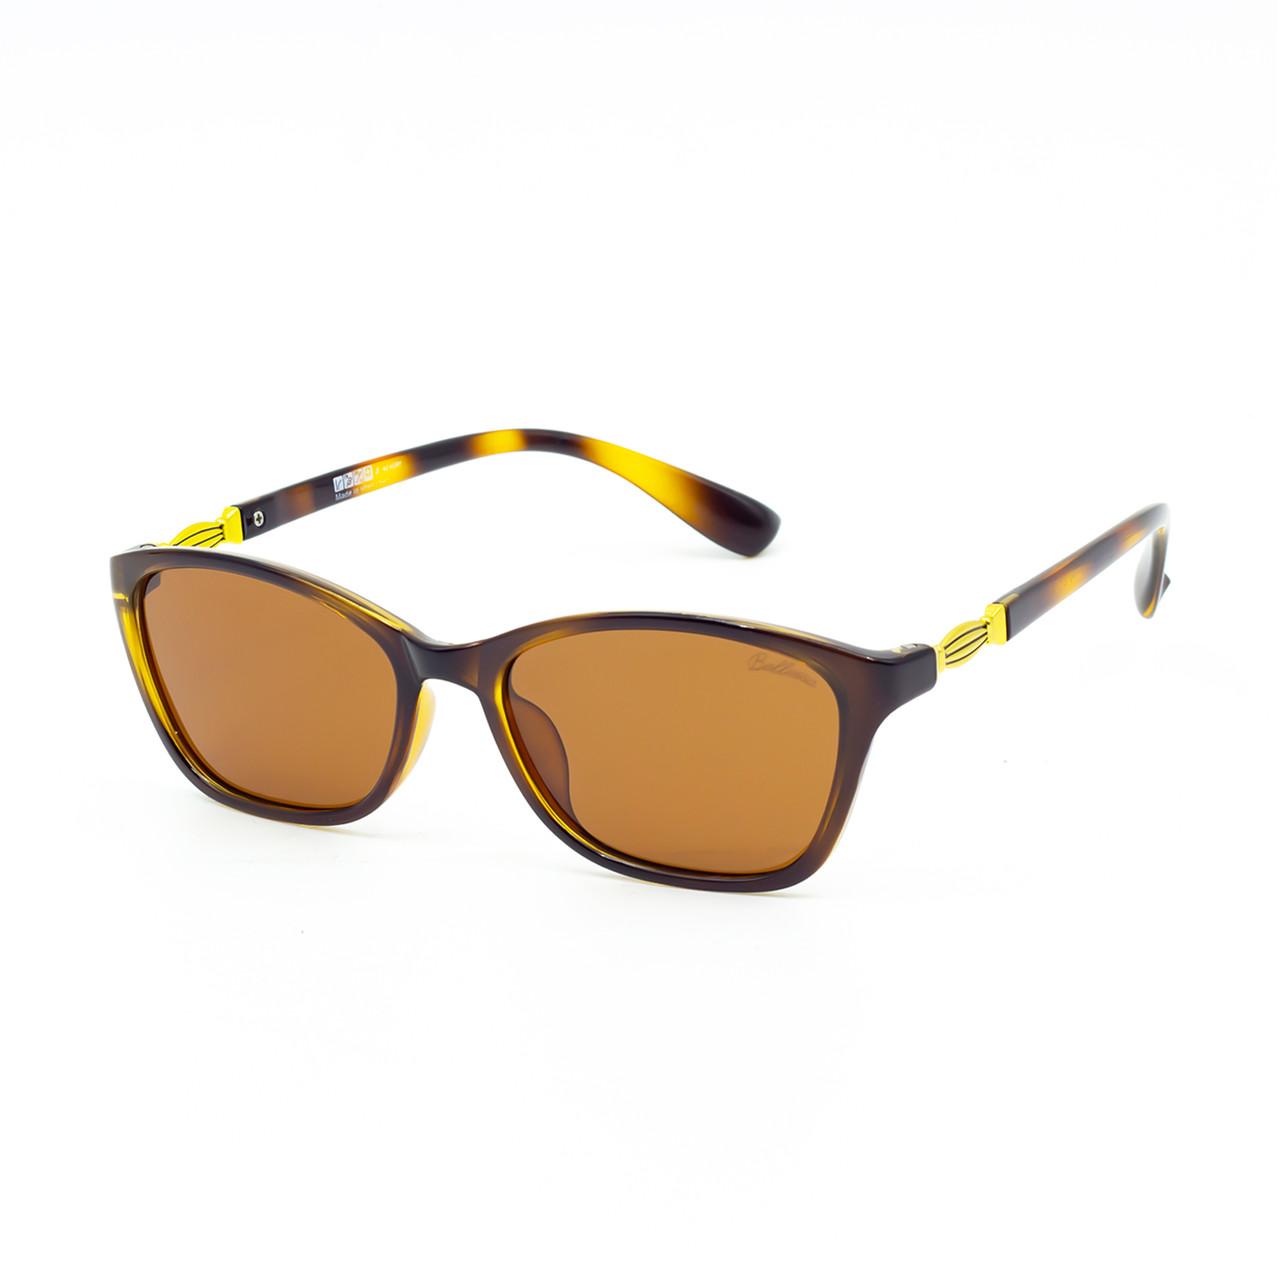 Солнцезащитные очки Marmilen 1297 C7 леопардовые     ( 1297-07 )